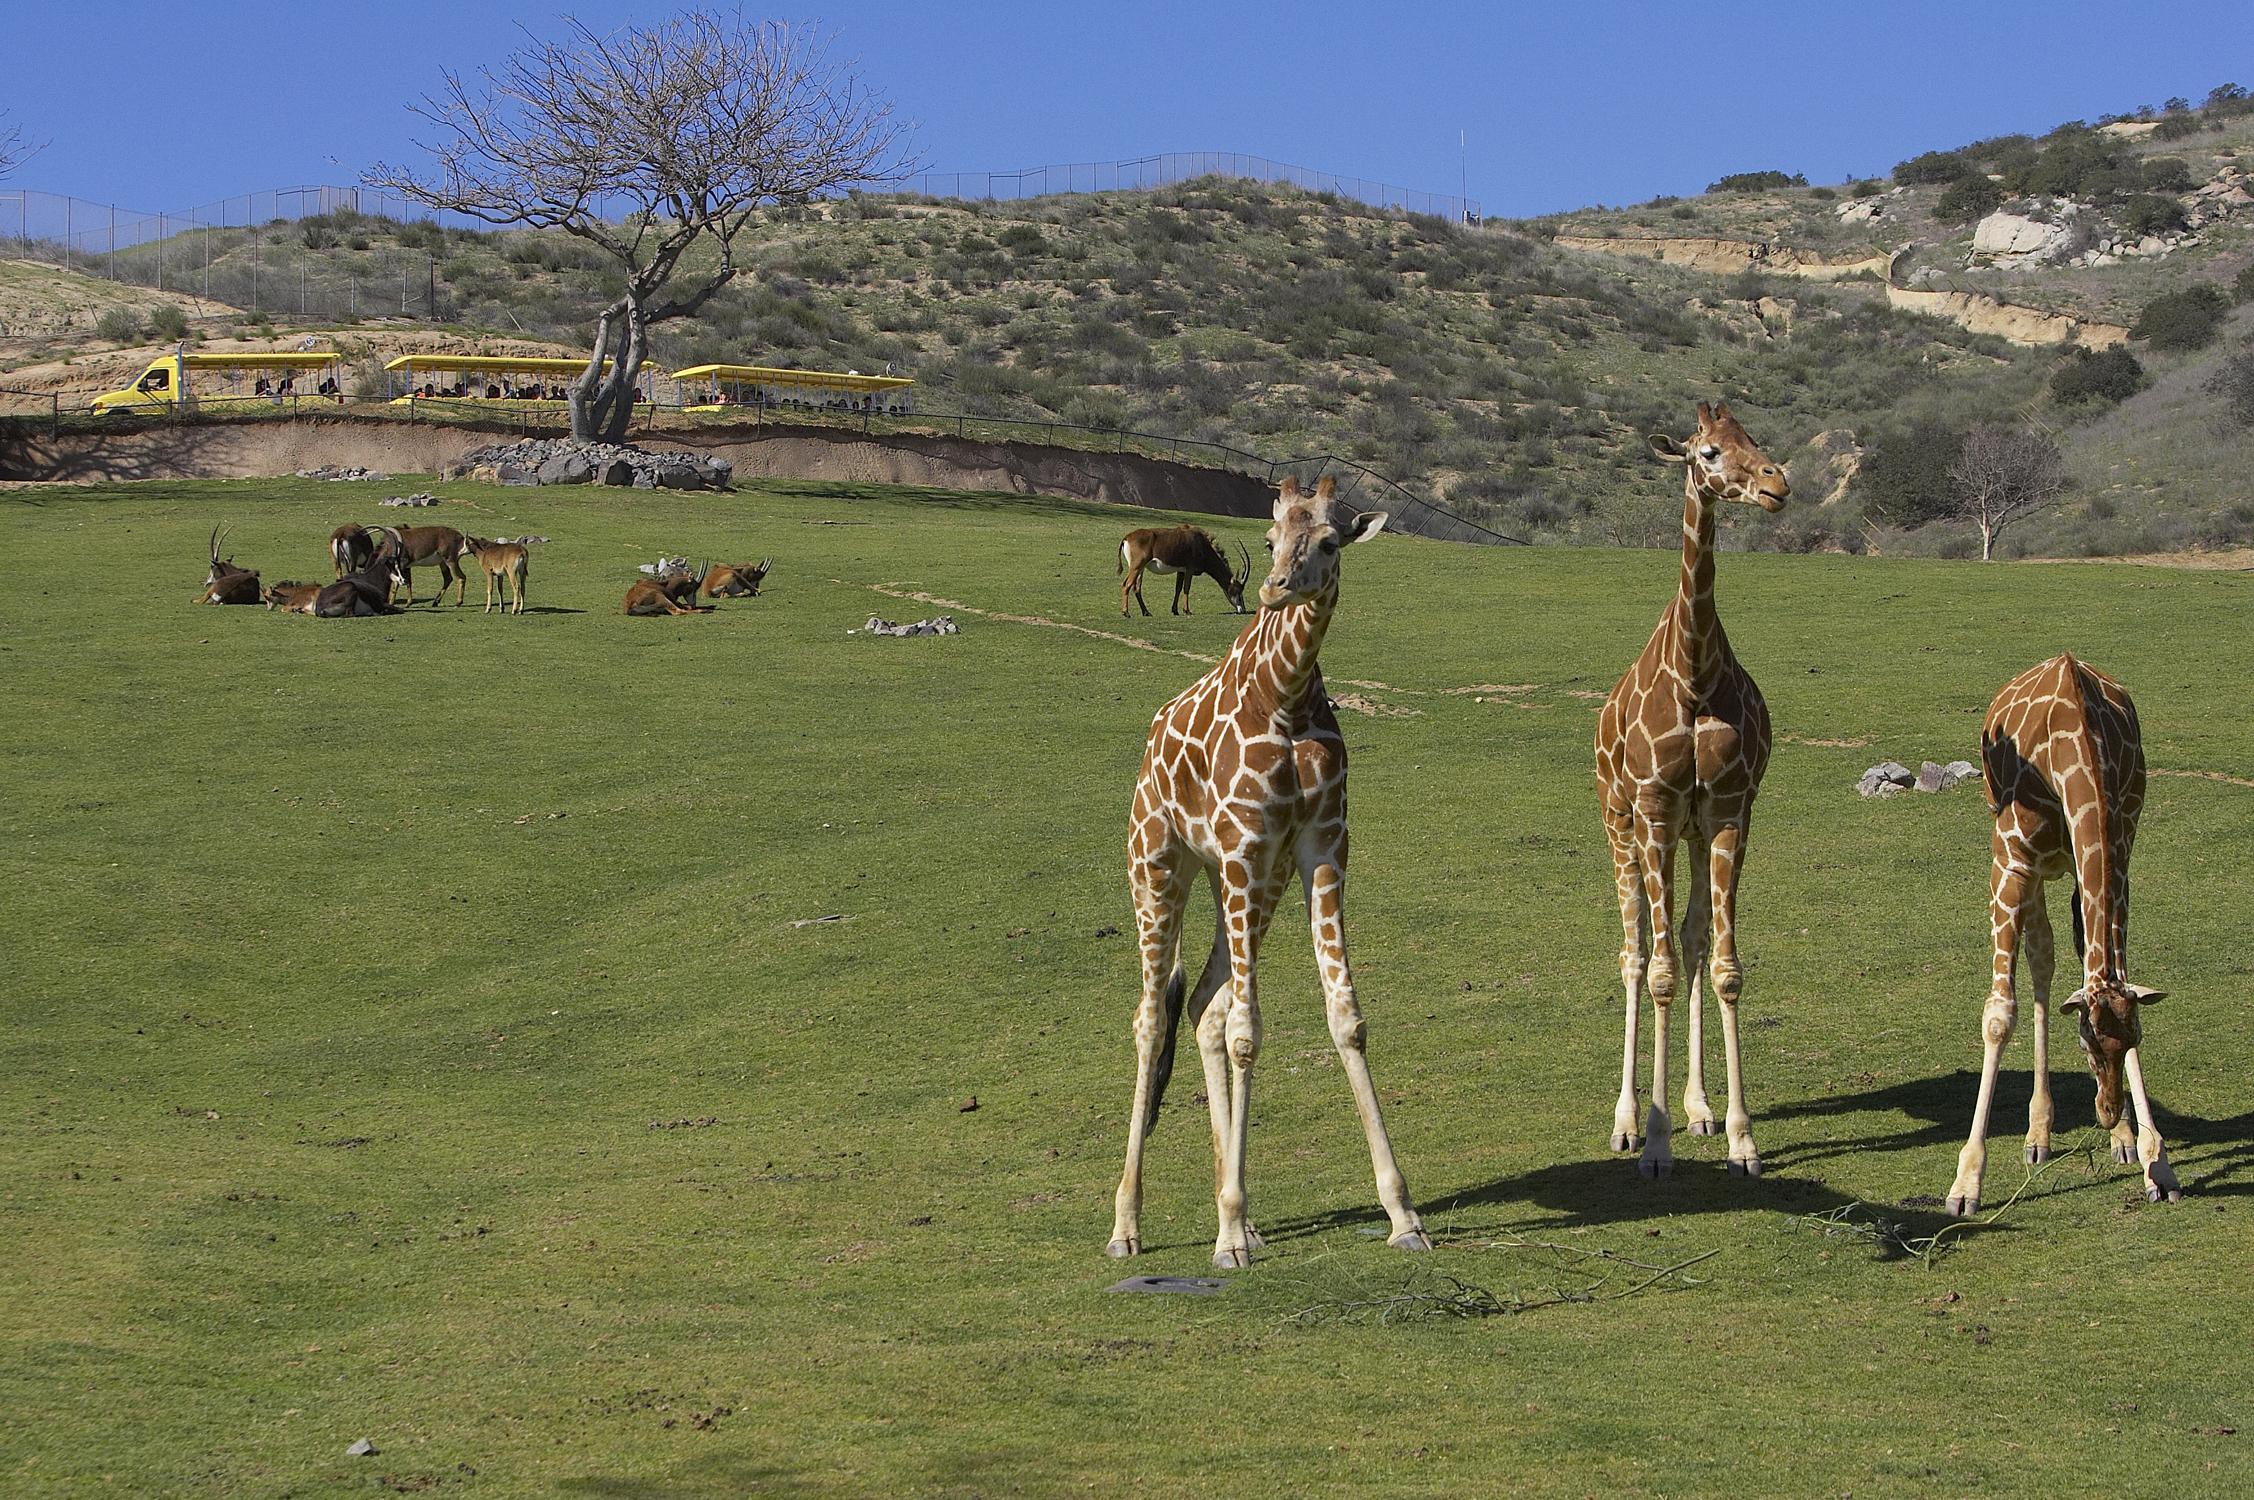 Giraffes along a Africa Tram Safari - San Diego Zoo Safari Park